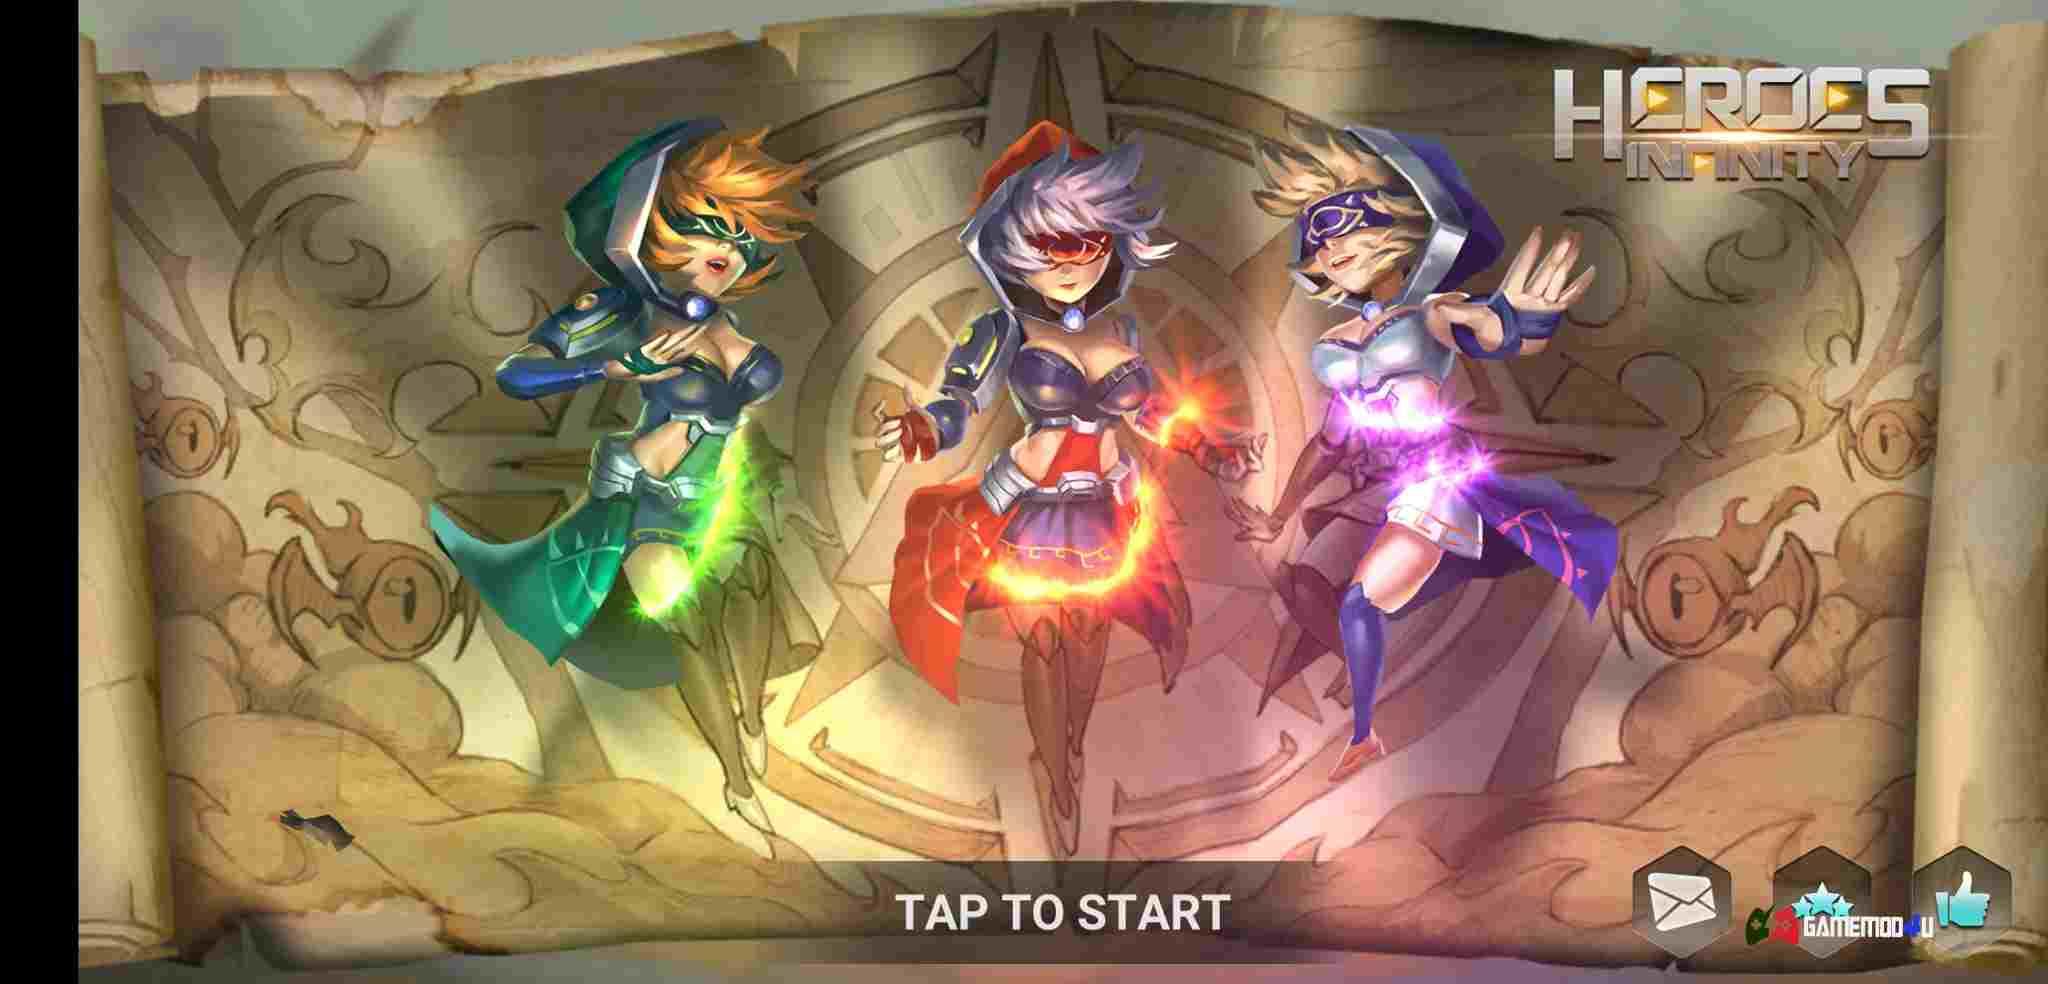 Heroes Infinity mod